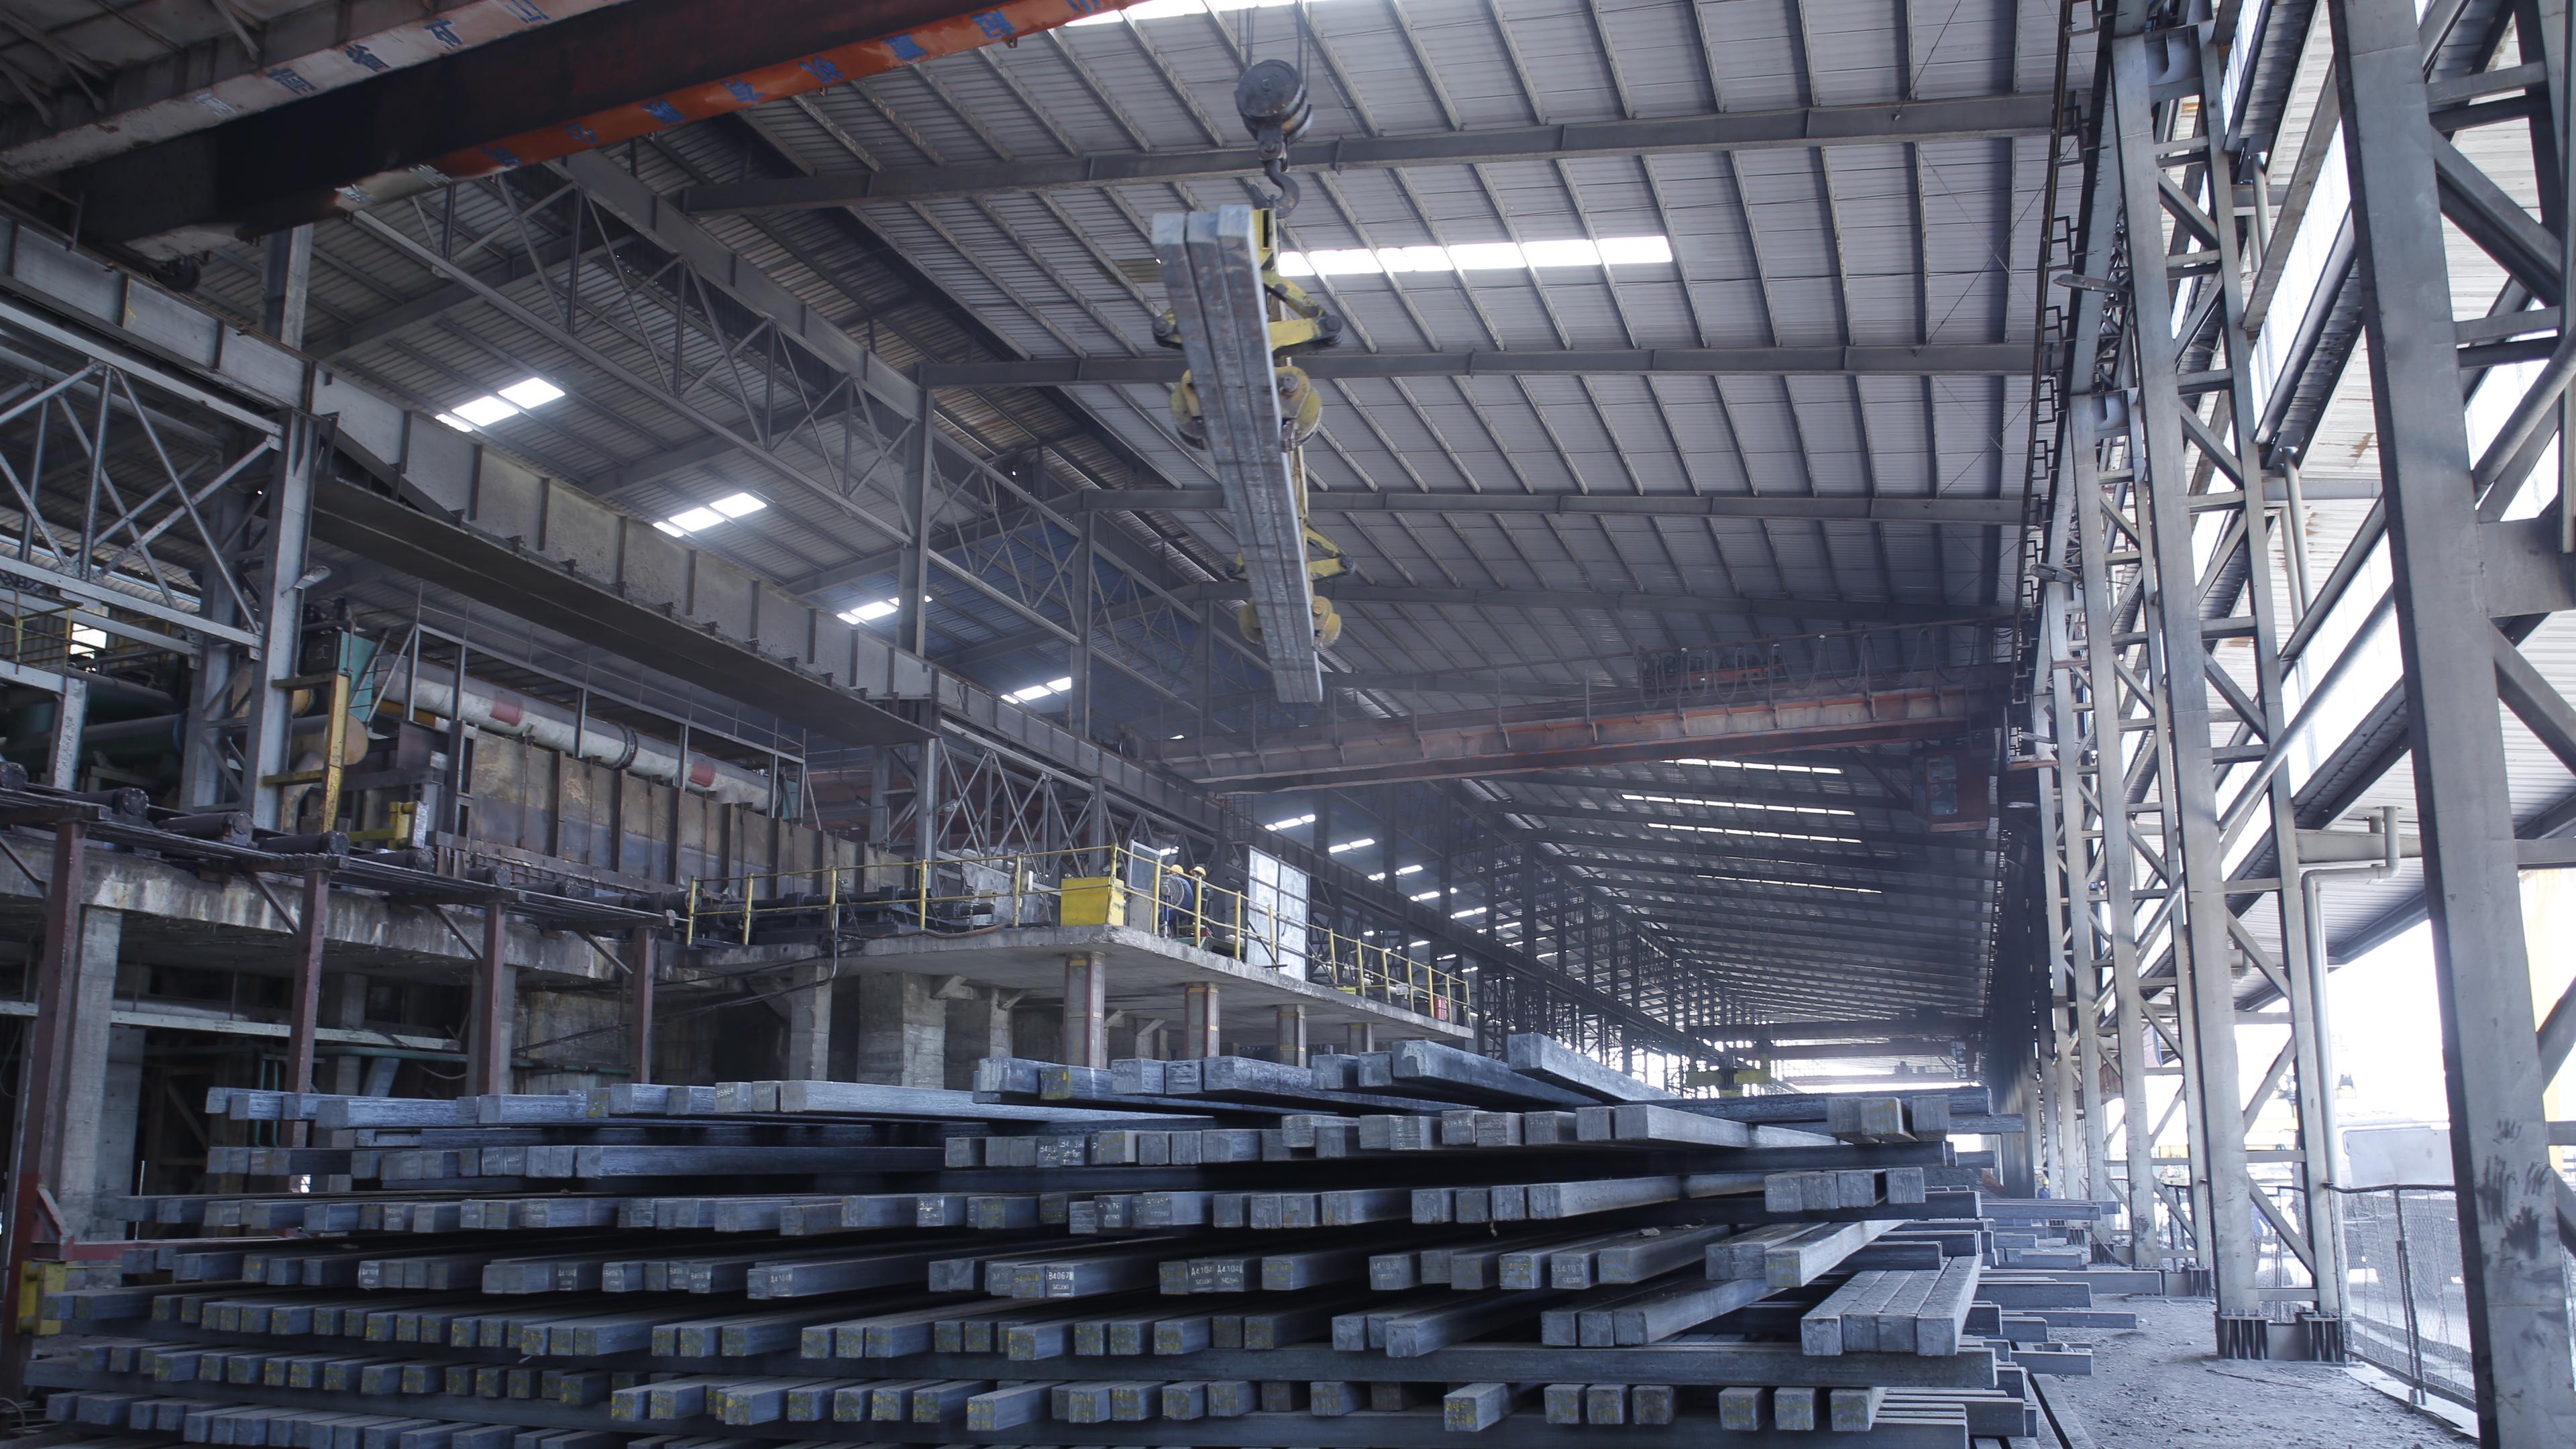 Hòa Phát sắp xuất khẩu hơn 1.000 tỉ đồng phôi thép sang Trung Quốc - Ảnh 1.